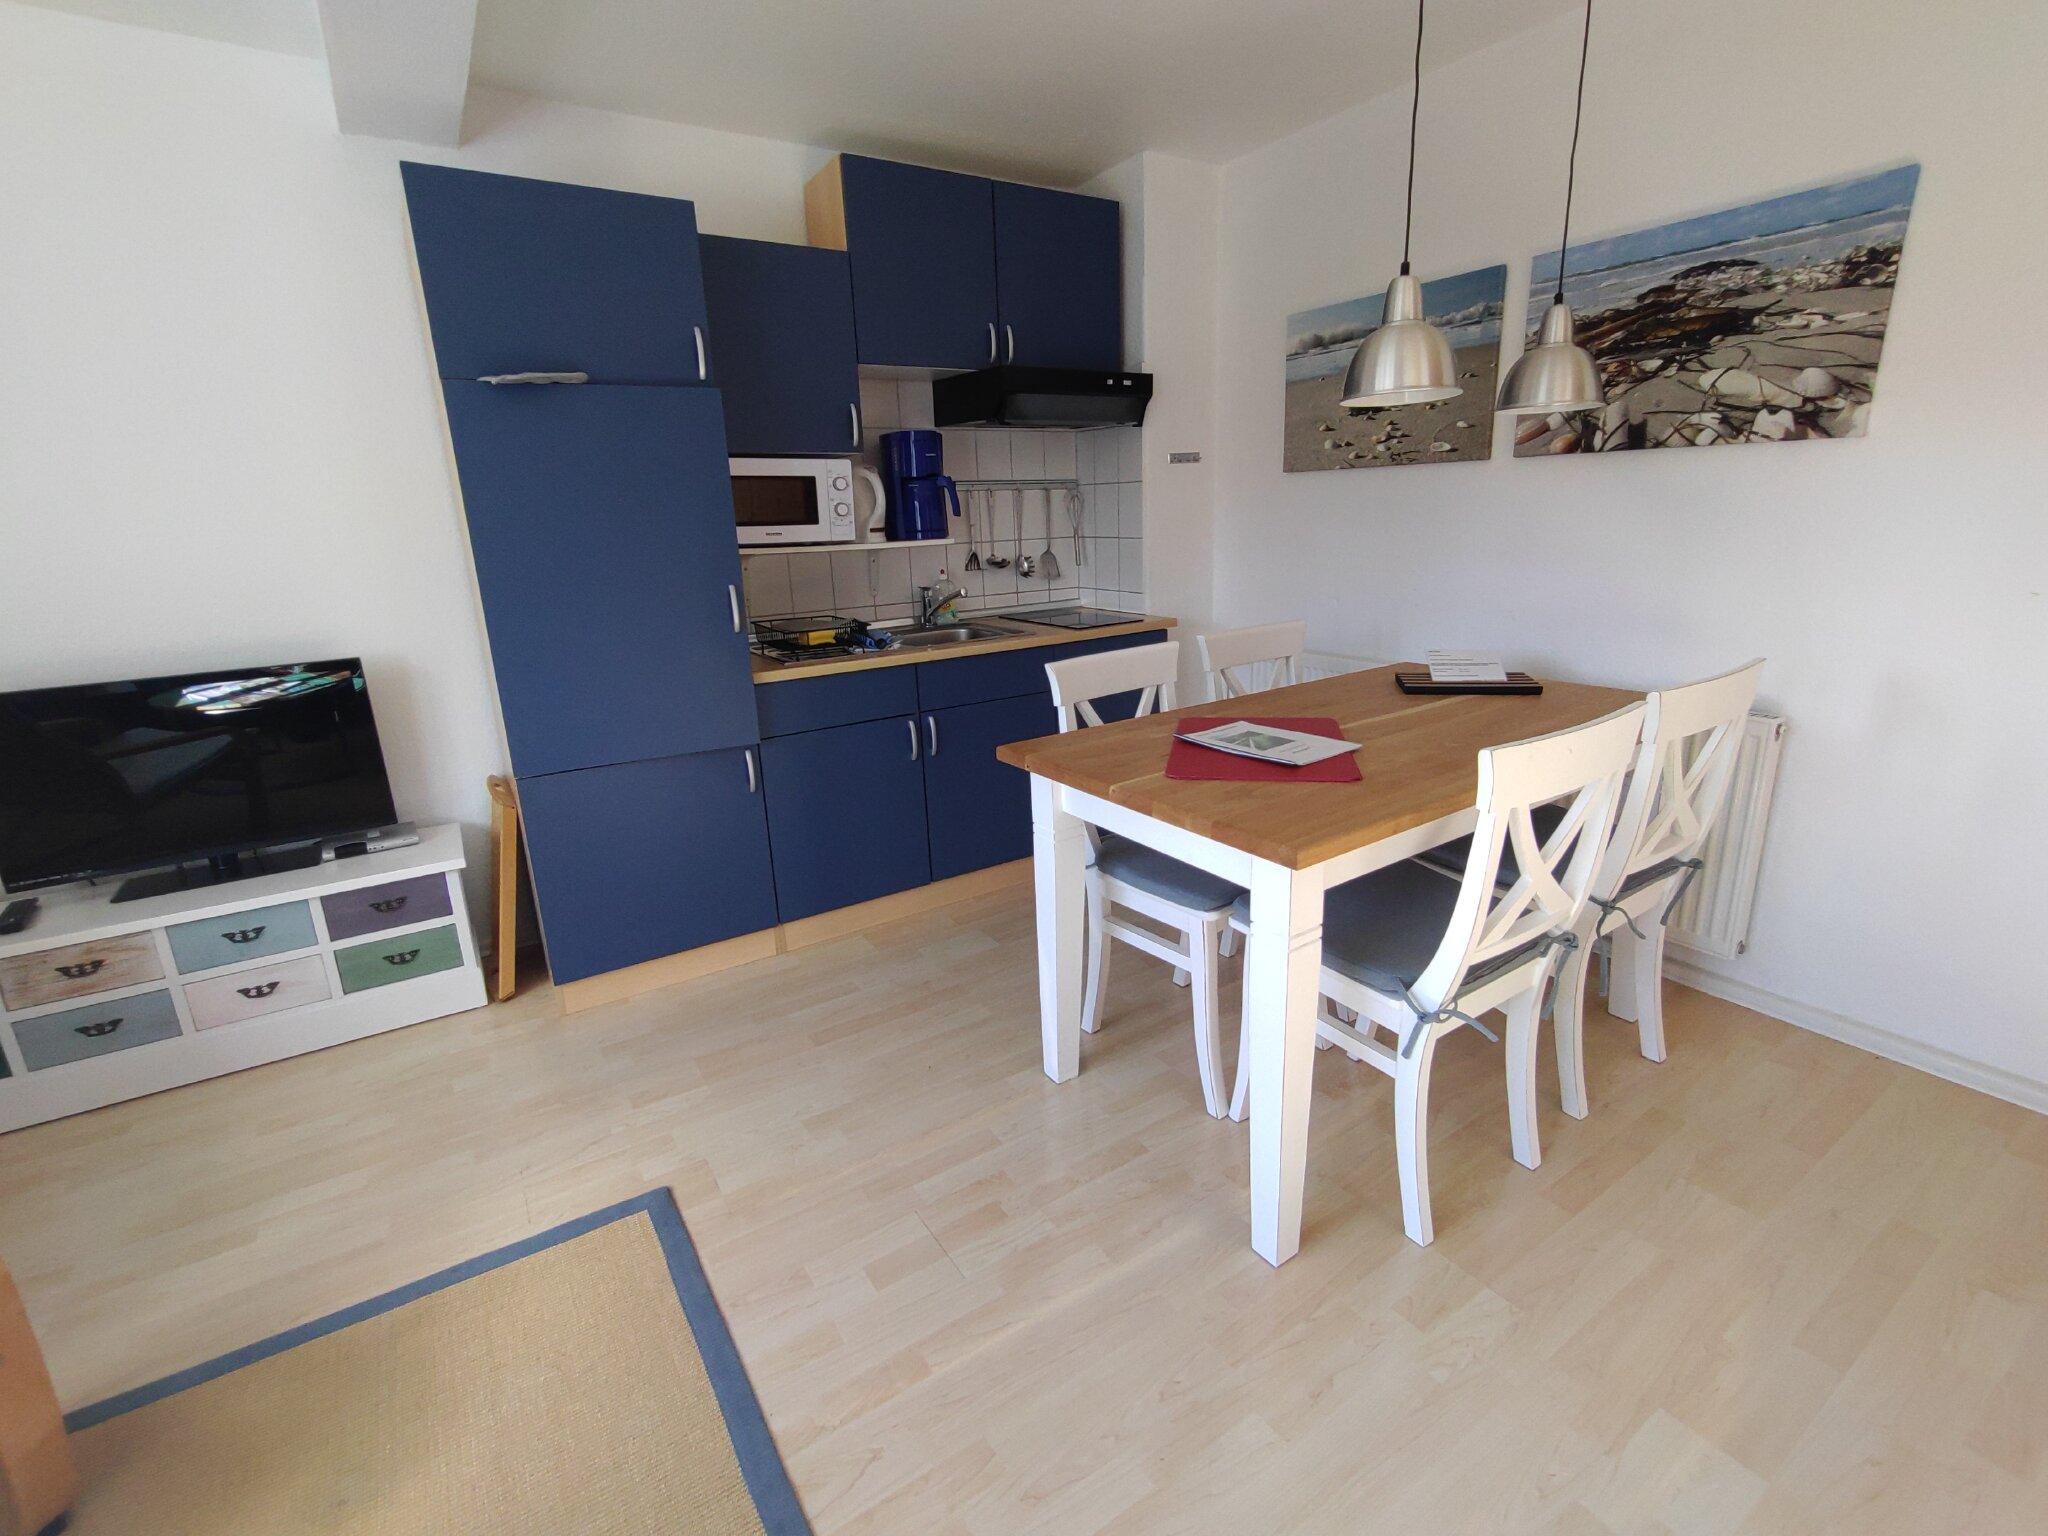 Wohnzimmer mit K�chenzeile und Esstisch